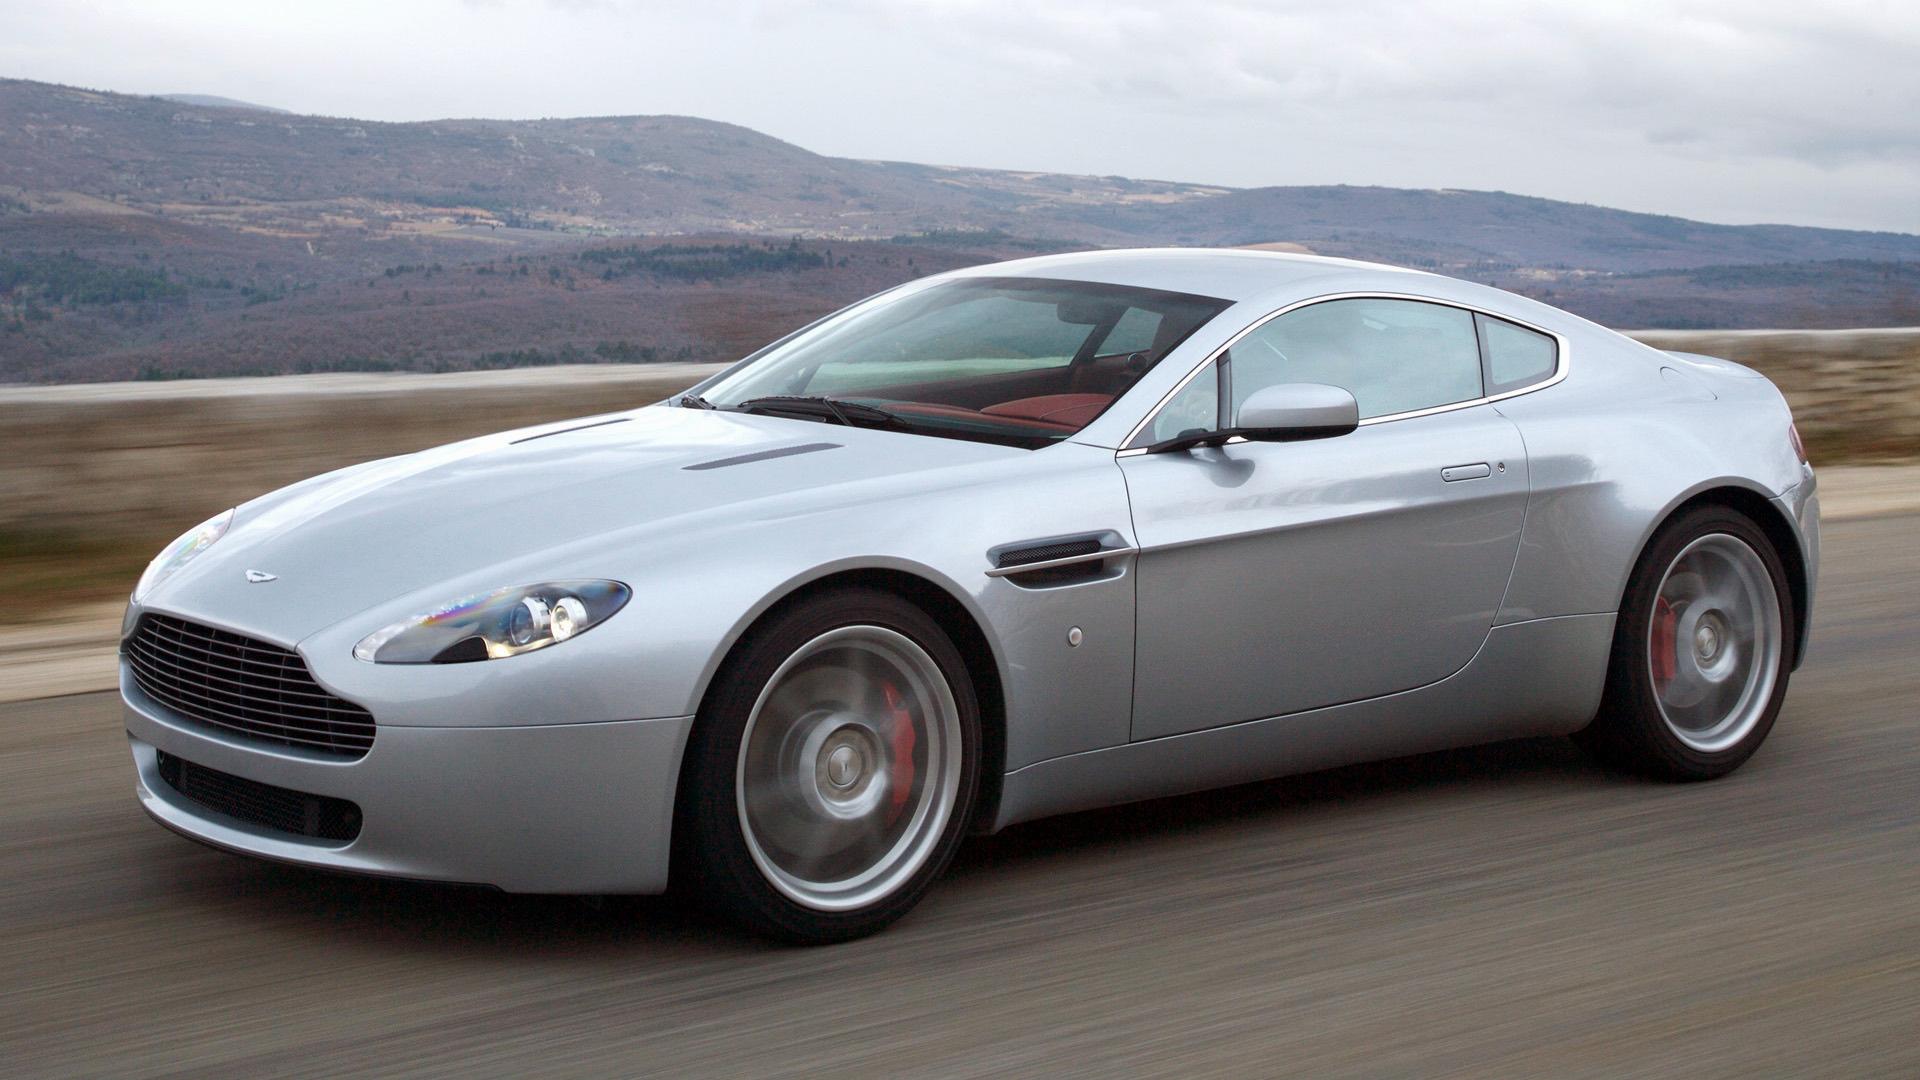 2005 Aston Martin V8 Vantage Hintergrundbilder Und Wallpaper In Hd Car Pixel